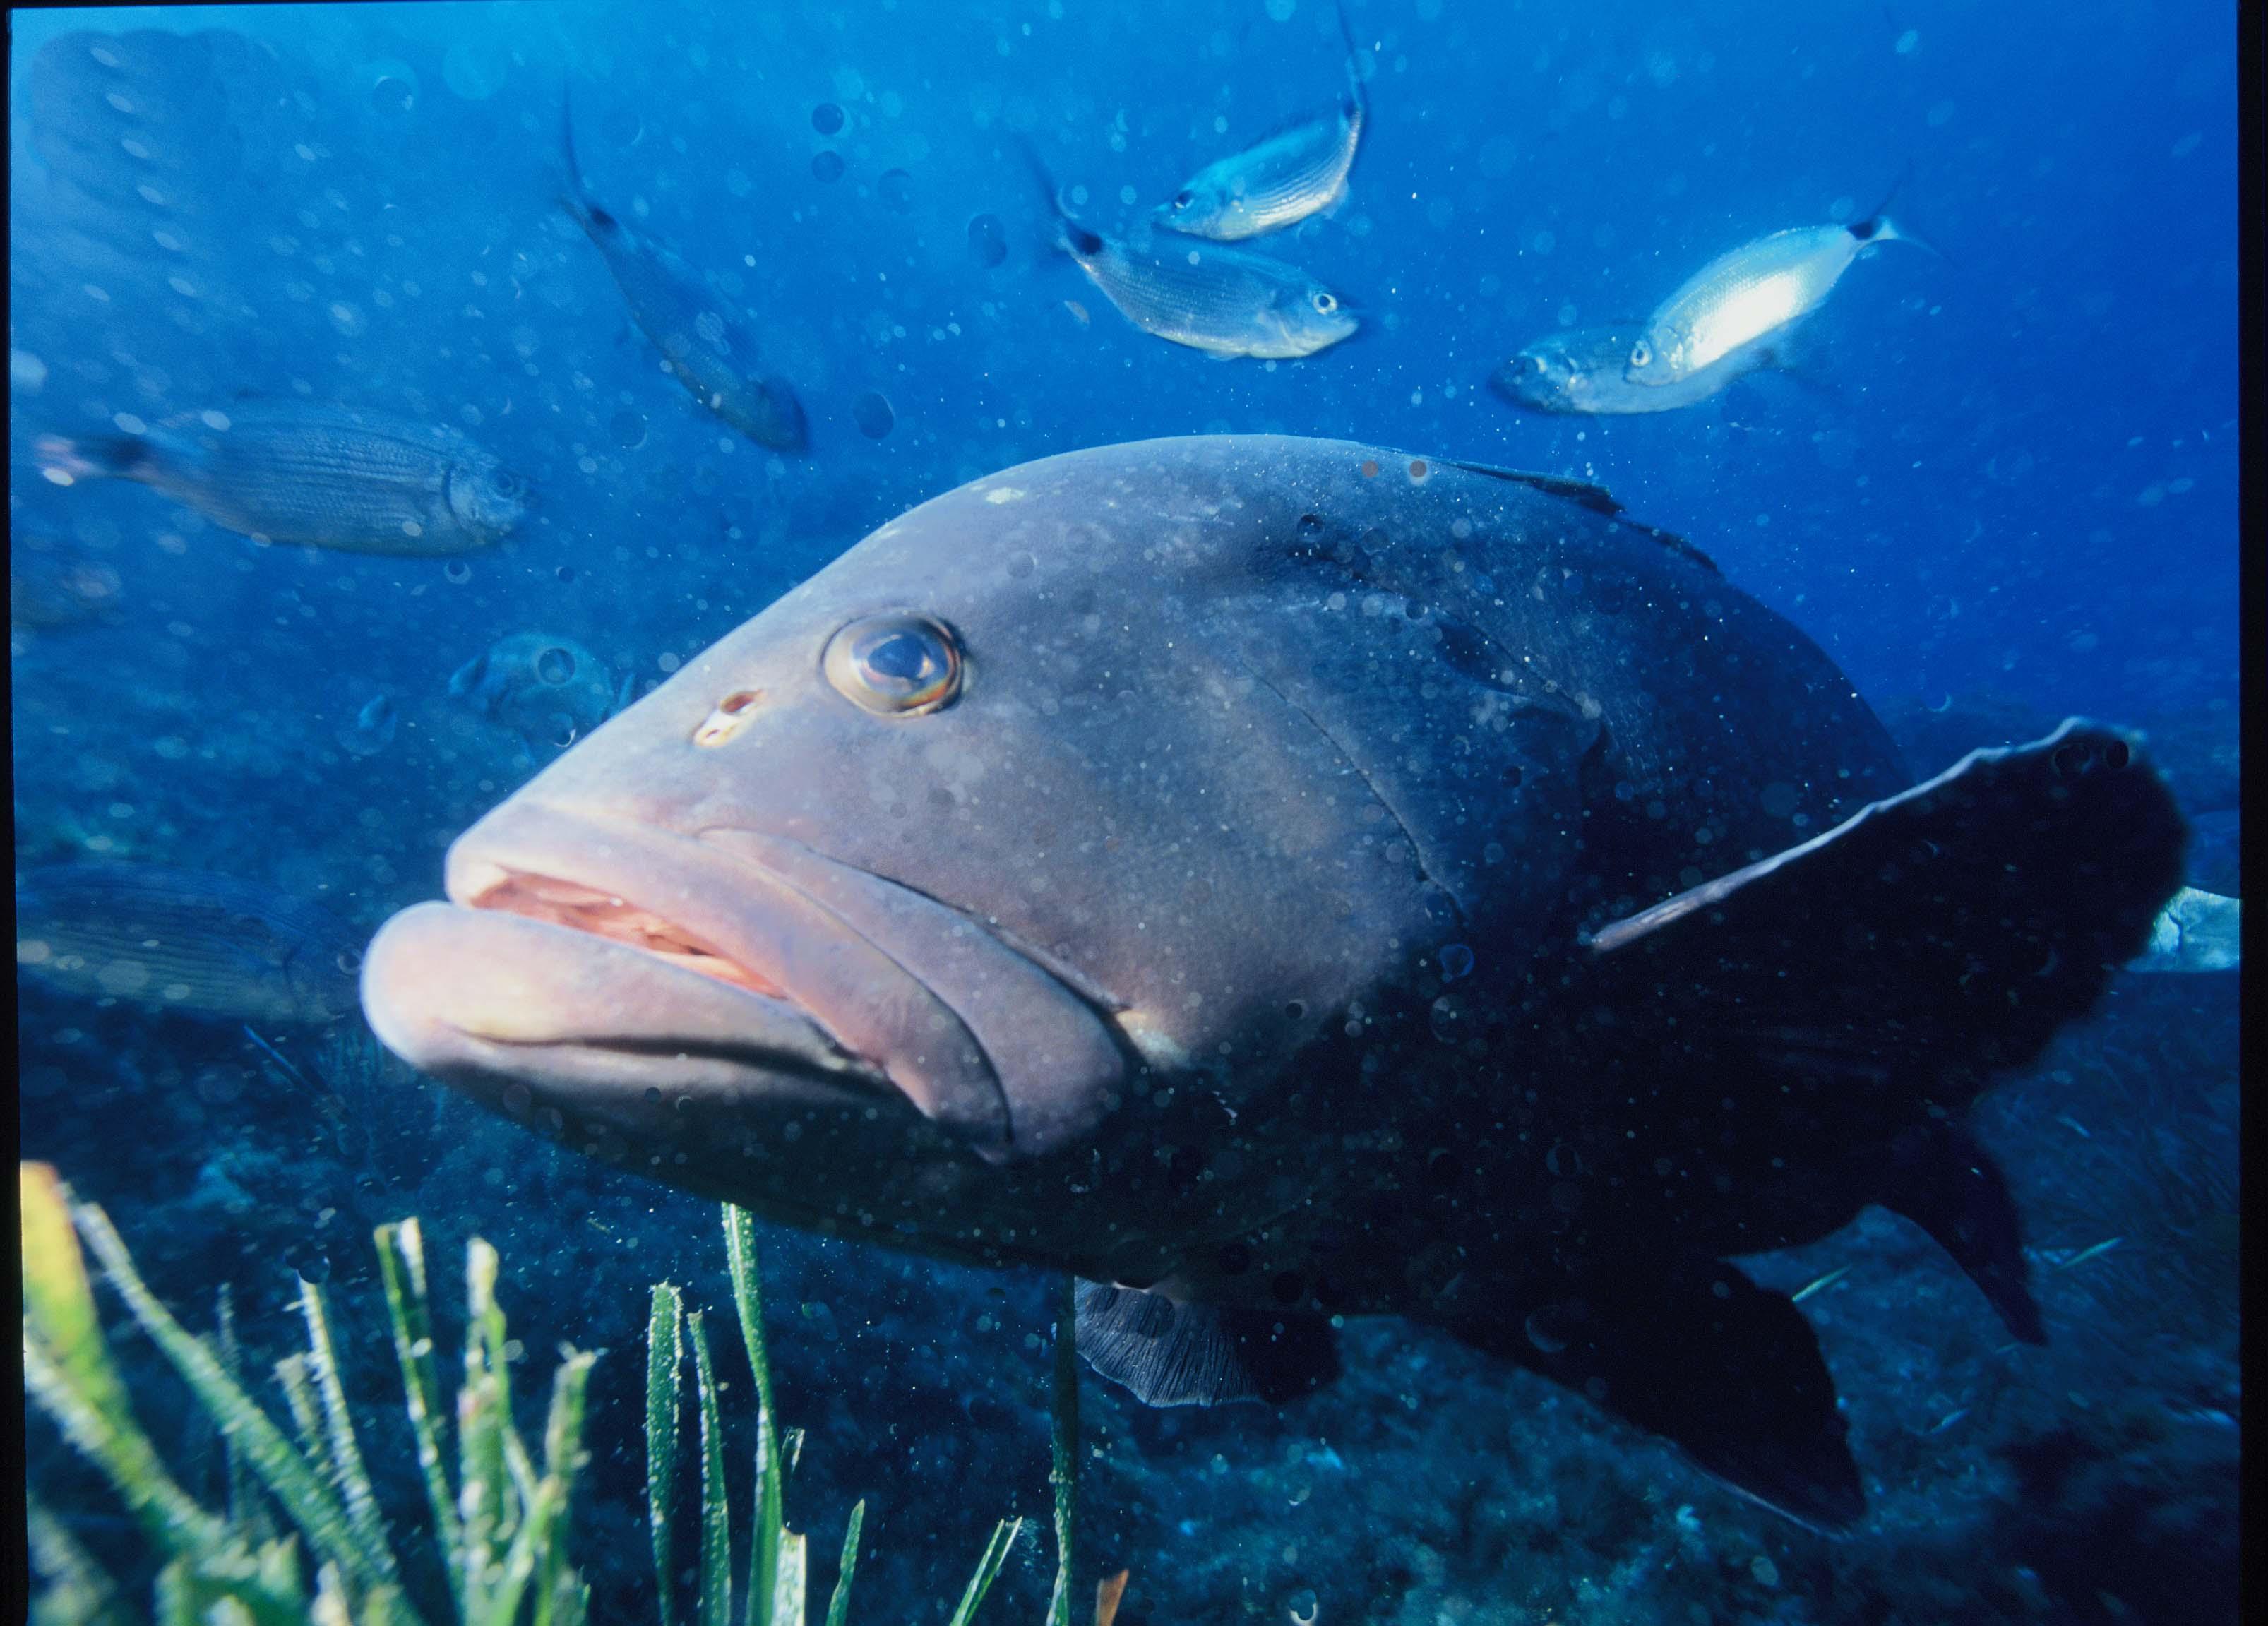 grouper dating wiki Epinephelus lanceolatus (bloch, 1790) (giant grouper) epinephelus latifasciatus (temminck & schlegel, 1843) (striped grouper) epinephelus lebretonianus (hombron & jacquinot, 1853) (mystery grouper.